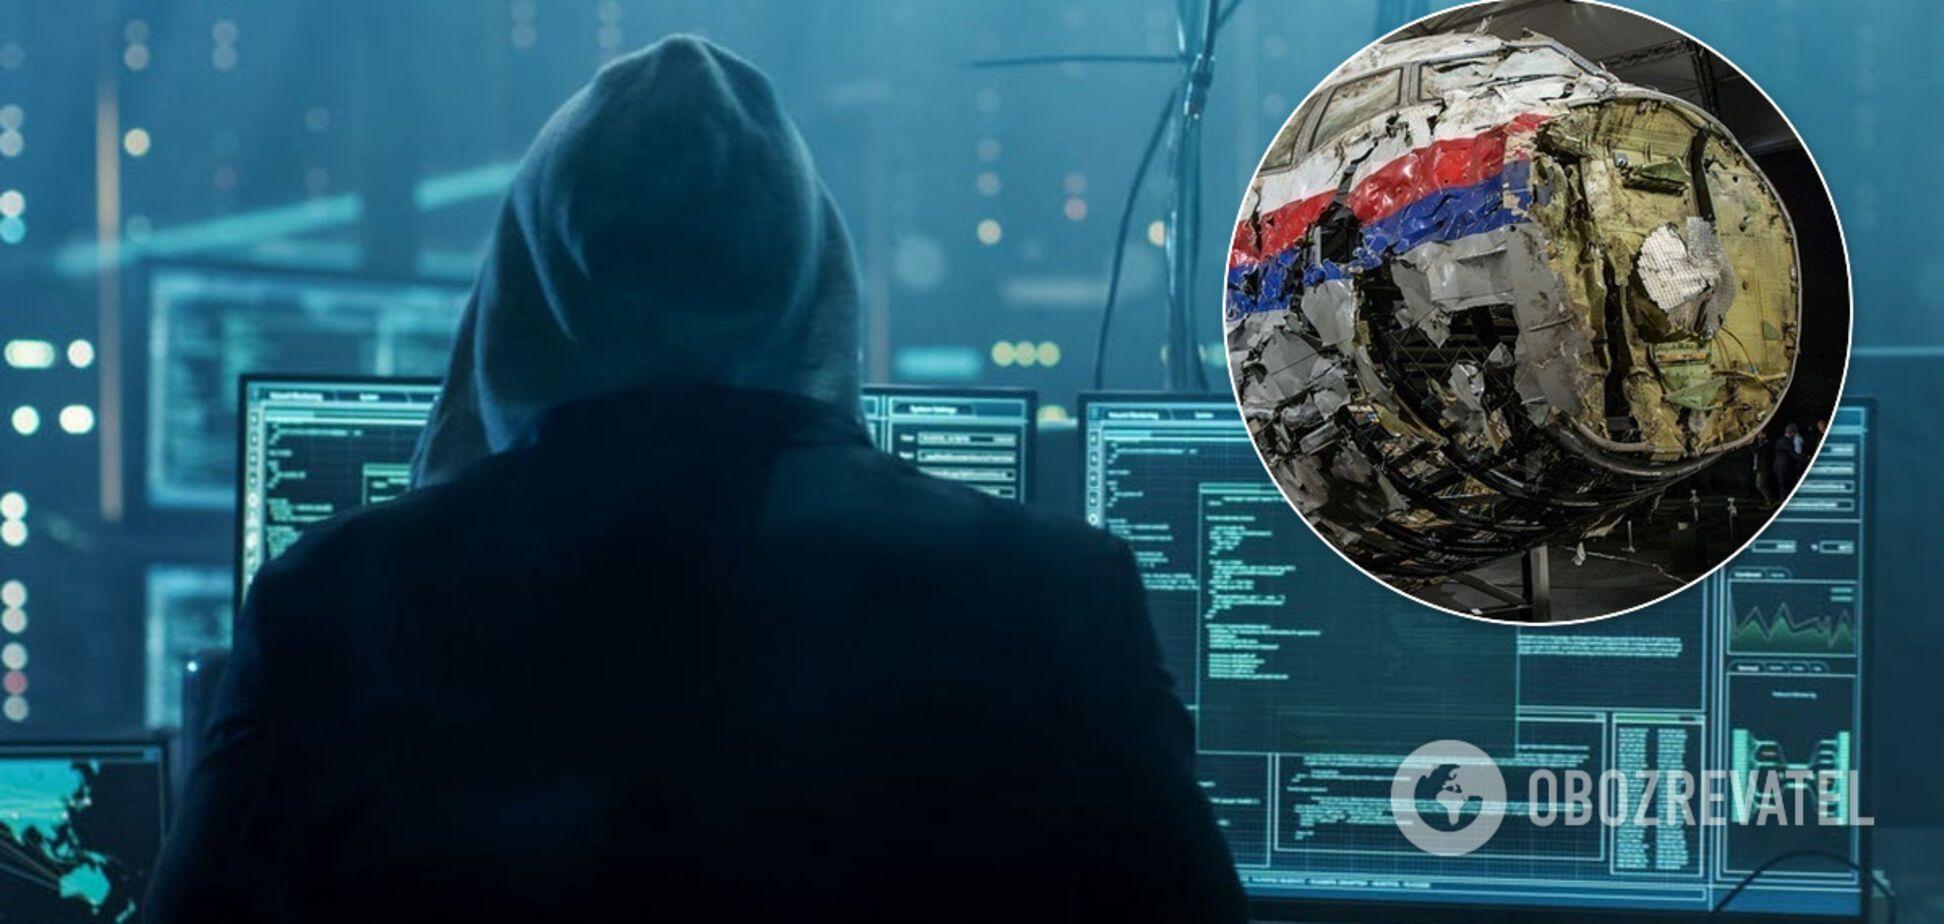 Росія спробувала втрутитися у розслідування справи МН17 – нідерландський прокурор